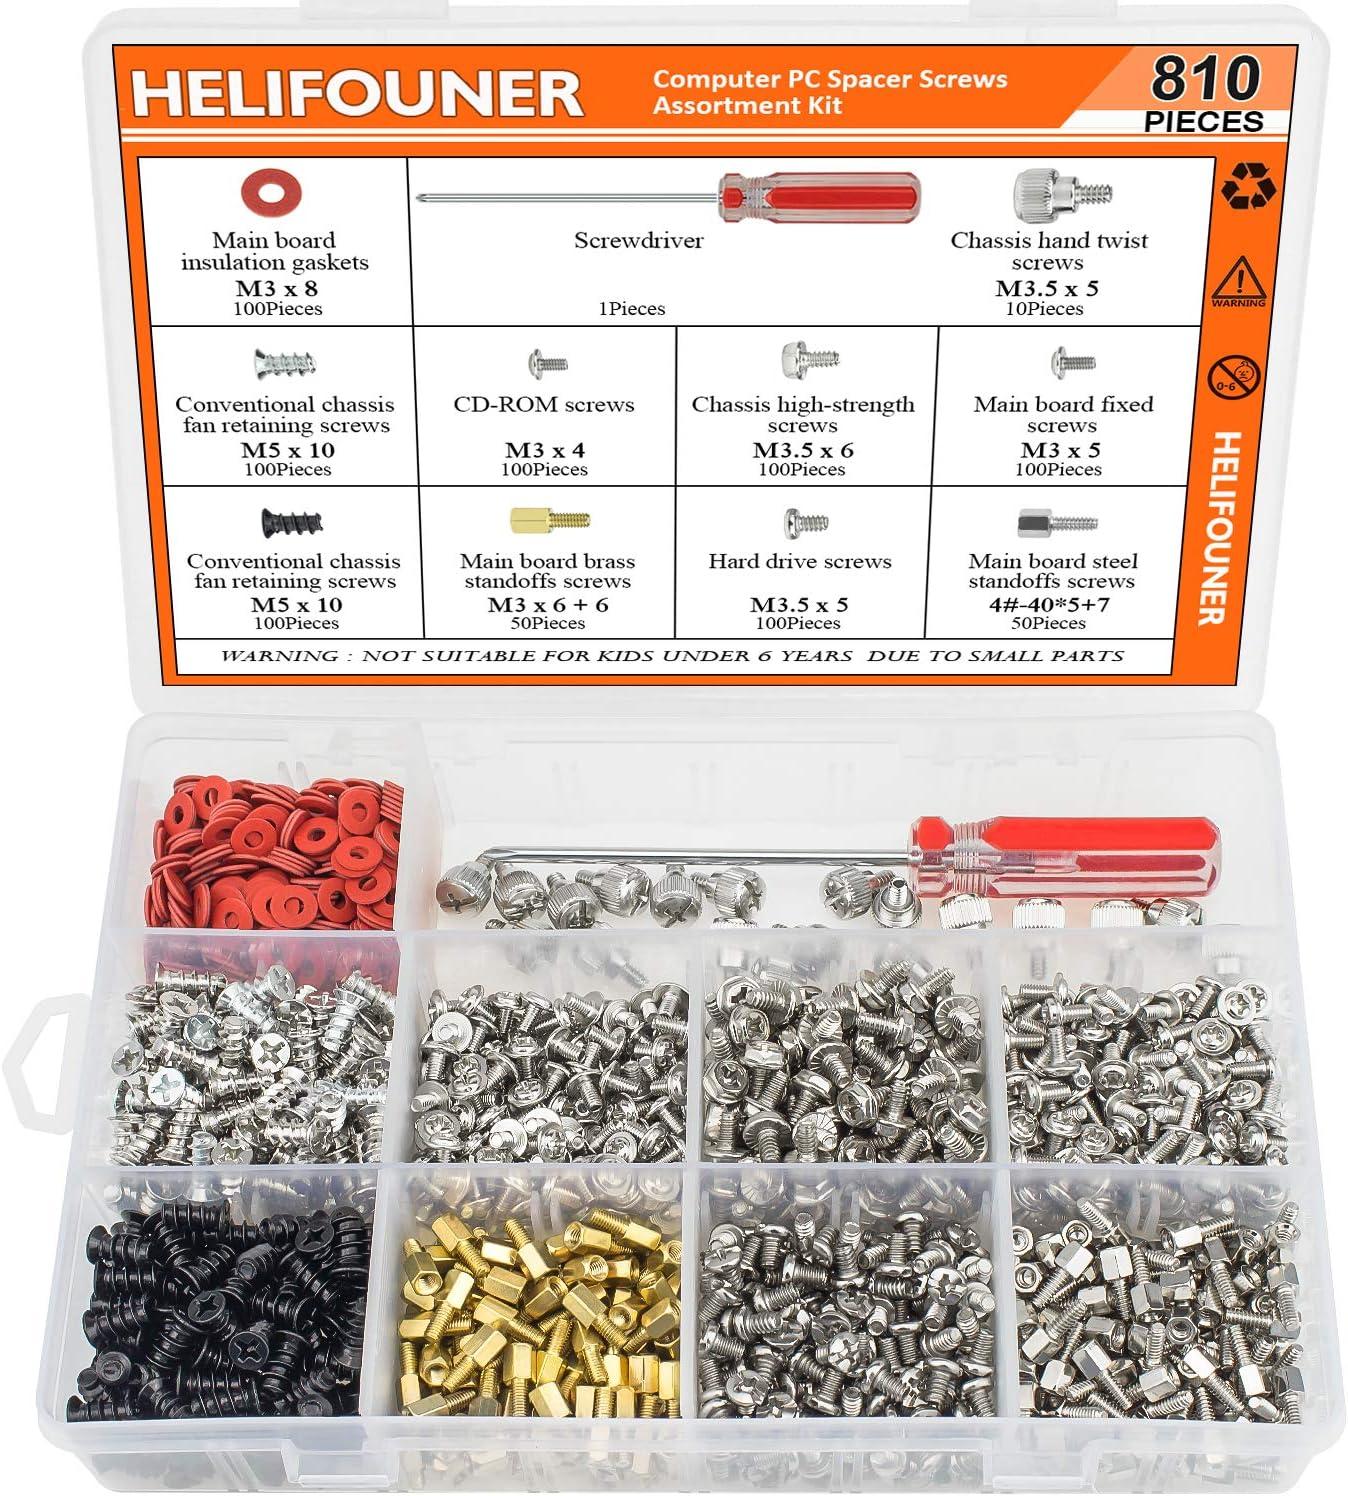 HELIFOUNER 810 Pieces Computer Standoffs Screws Assortment Kit with a Screwdriver